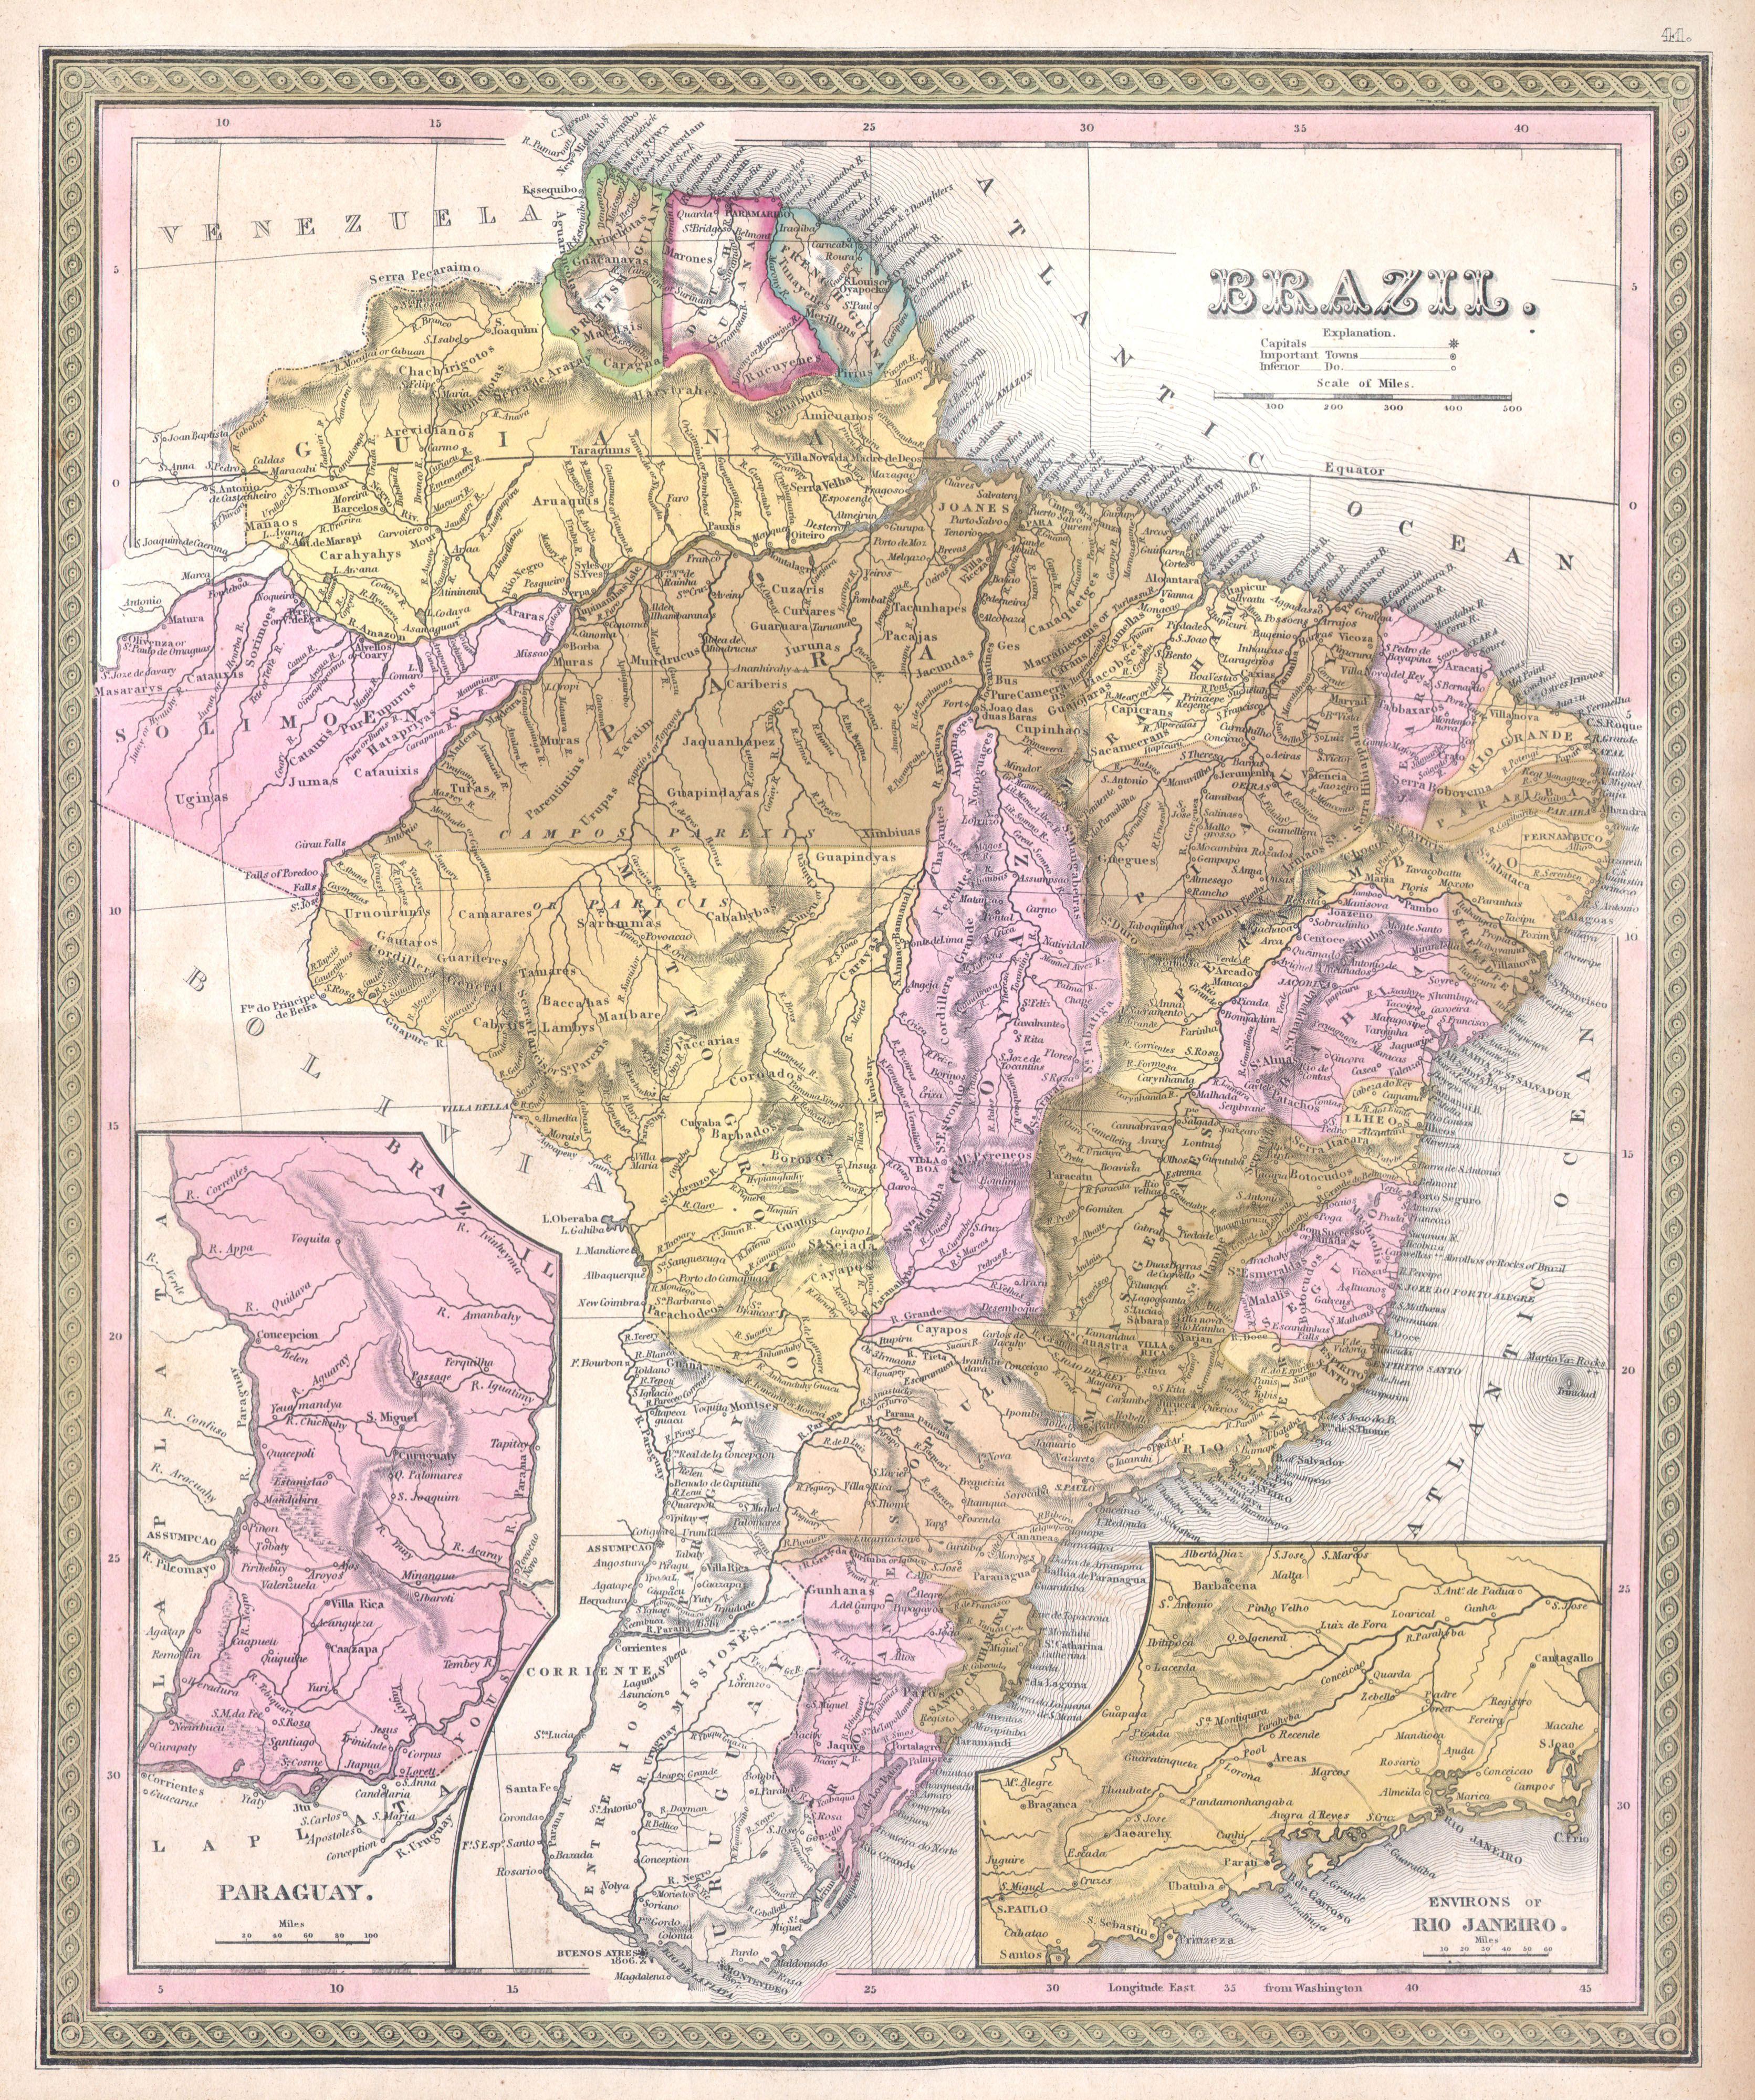 1850 in Brazil